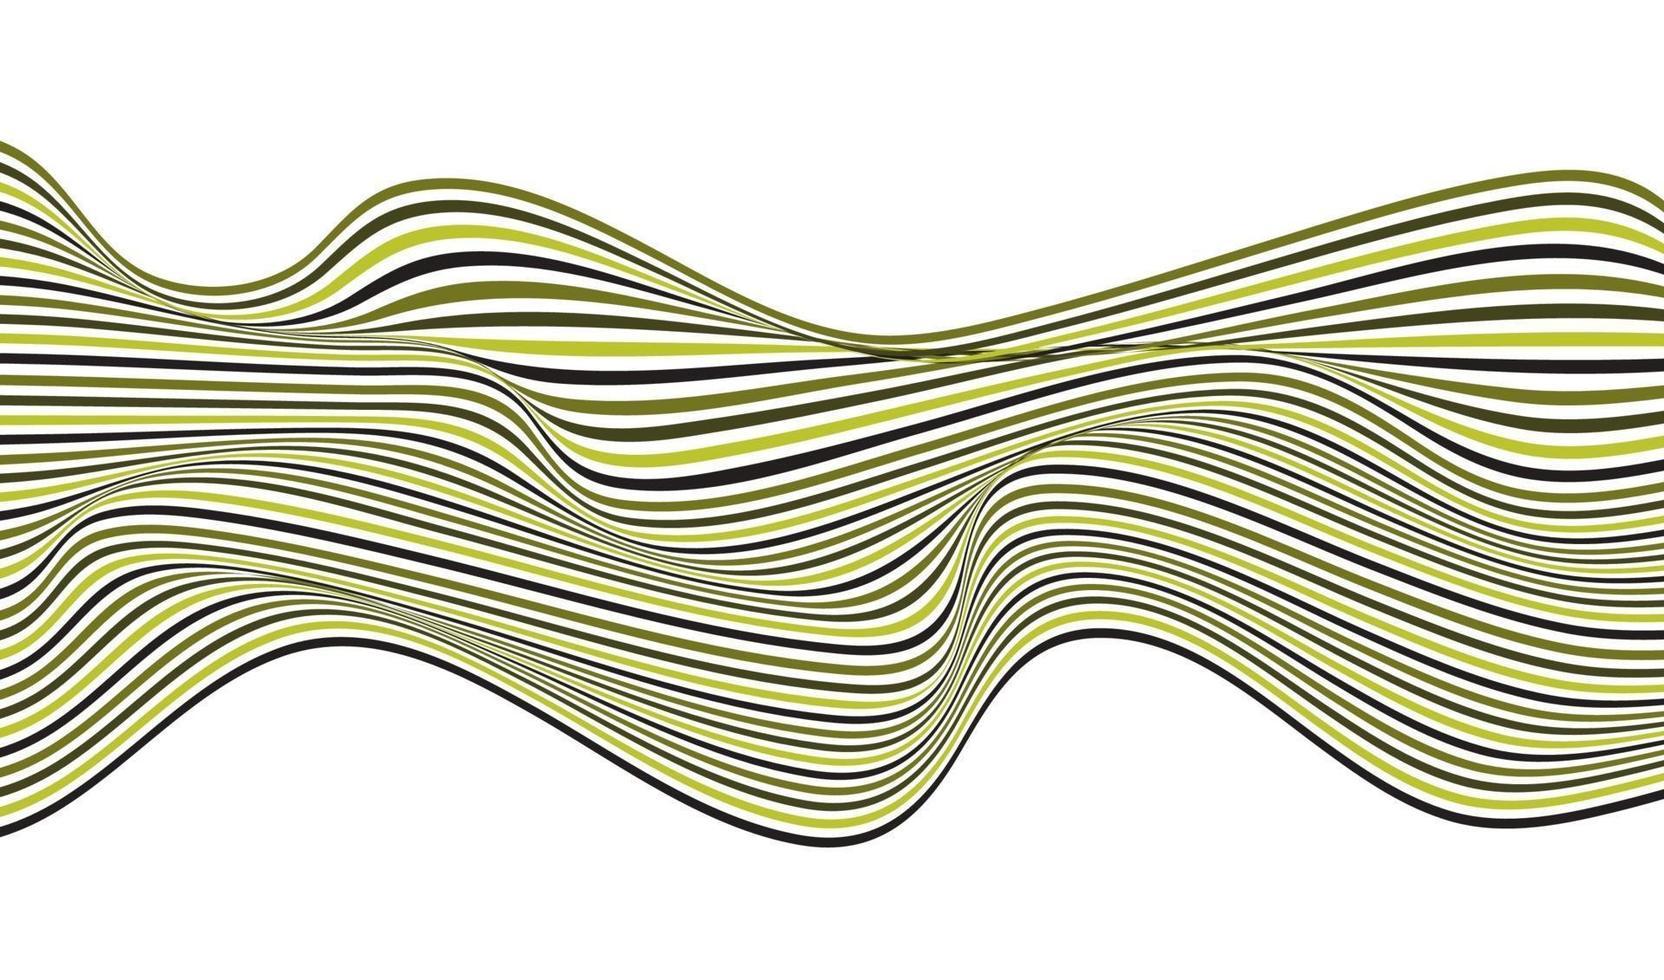 optisches Kunstdesign des abstrakten grünen Wellenlinienmusters lokalisiert auf weißem Hintergrund vektor